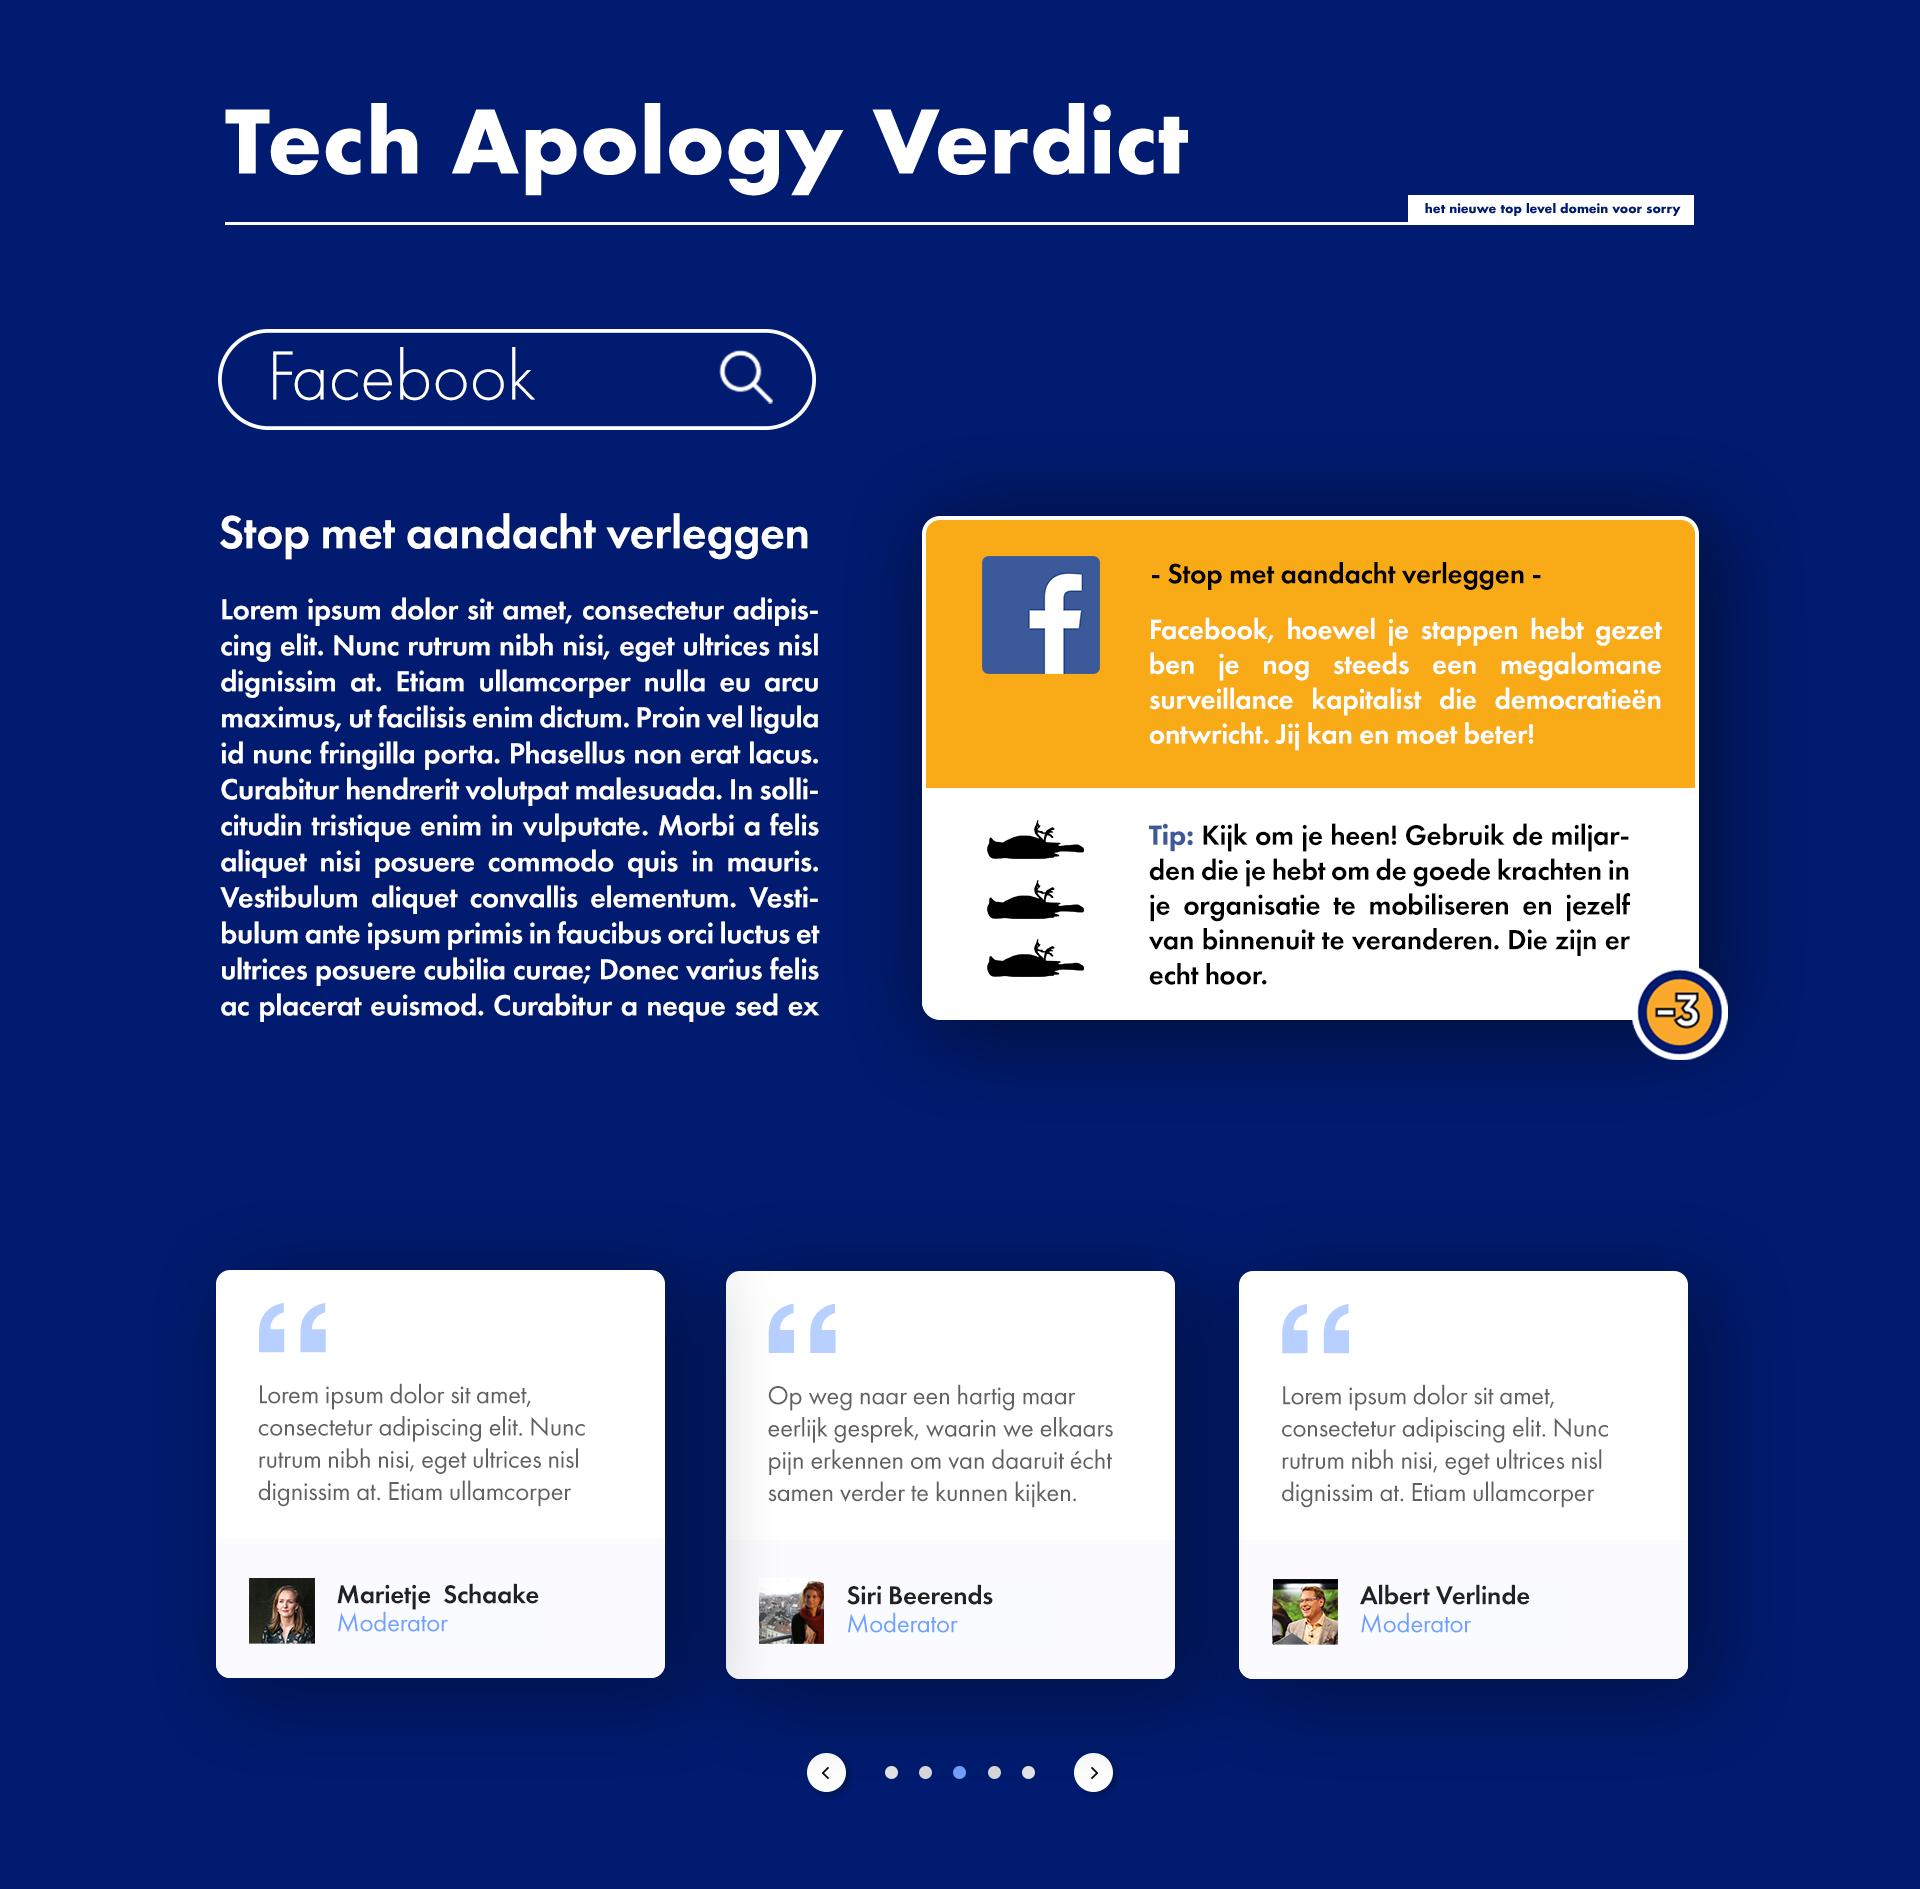 Apology-Verdict